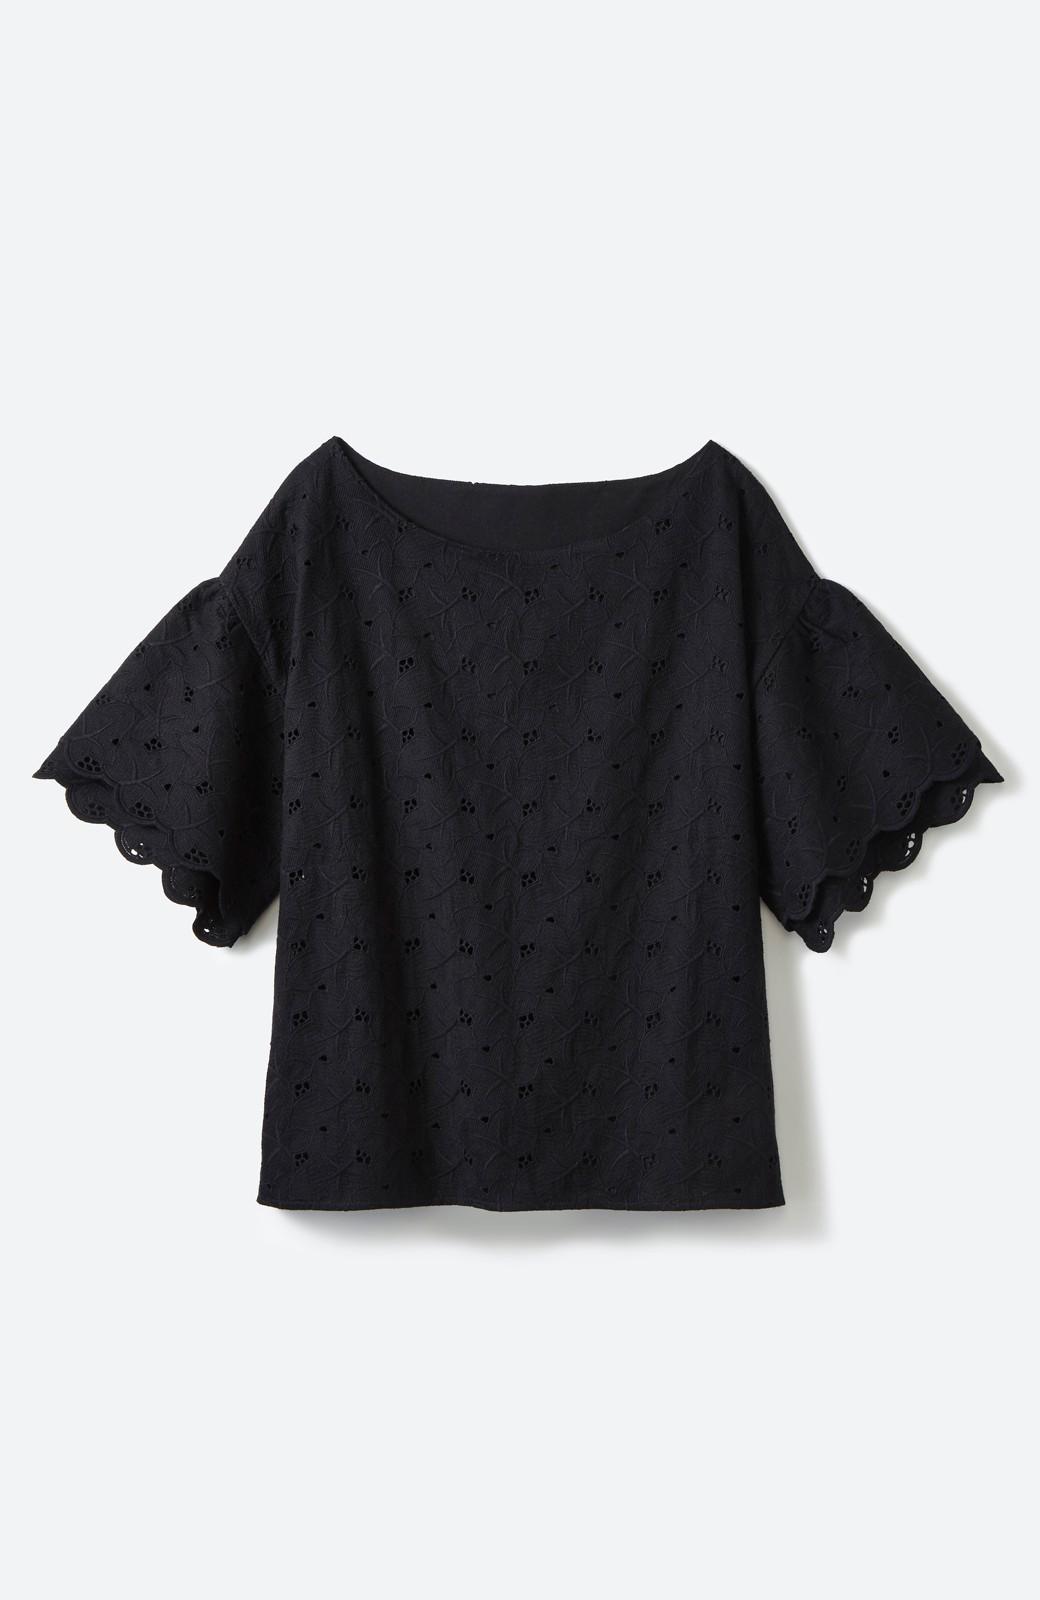 エムトロワ Tシャツ感覚で着られる フラワーレースのティアードスリーブトップス <ブラック>の商品写真2